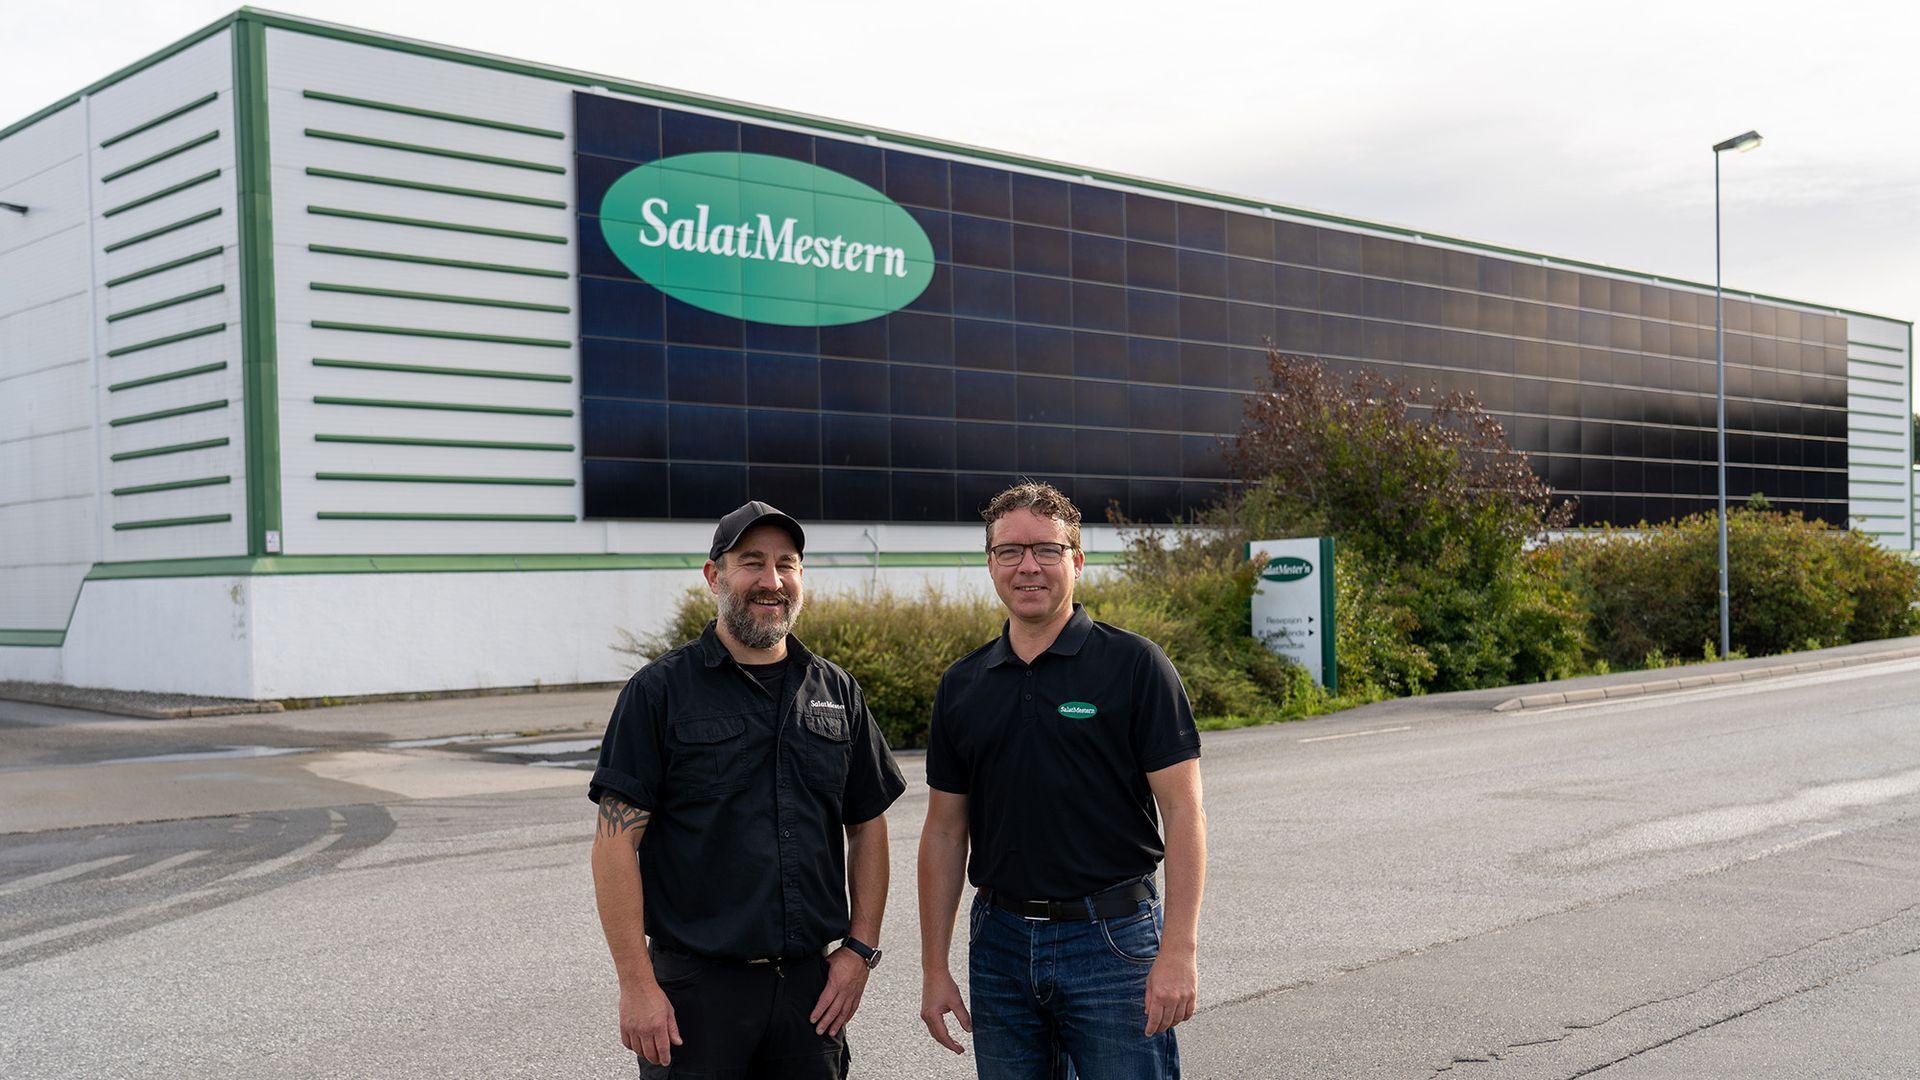 Vedlikeholdsleder Ketil Heie og kvalitetsleder Jan Børge Aune foran fabrikken til Salatmestern. Dette er det største fasadeanlegget med standardpaneler som Solcellespesialisten har montert.